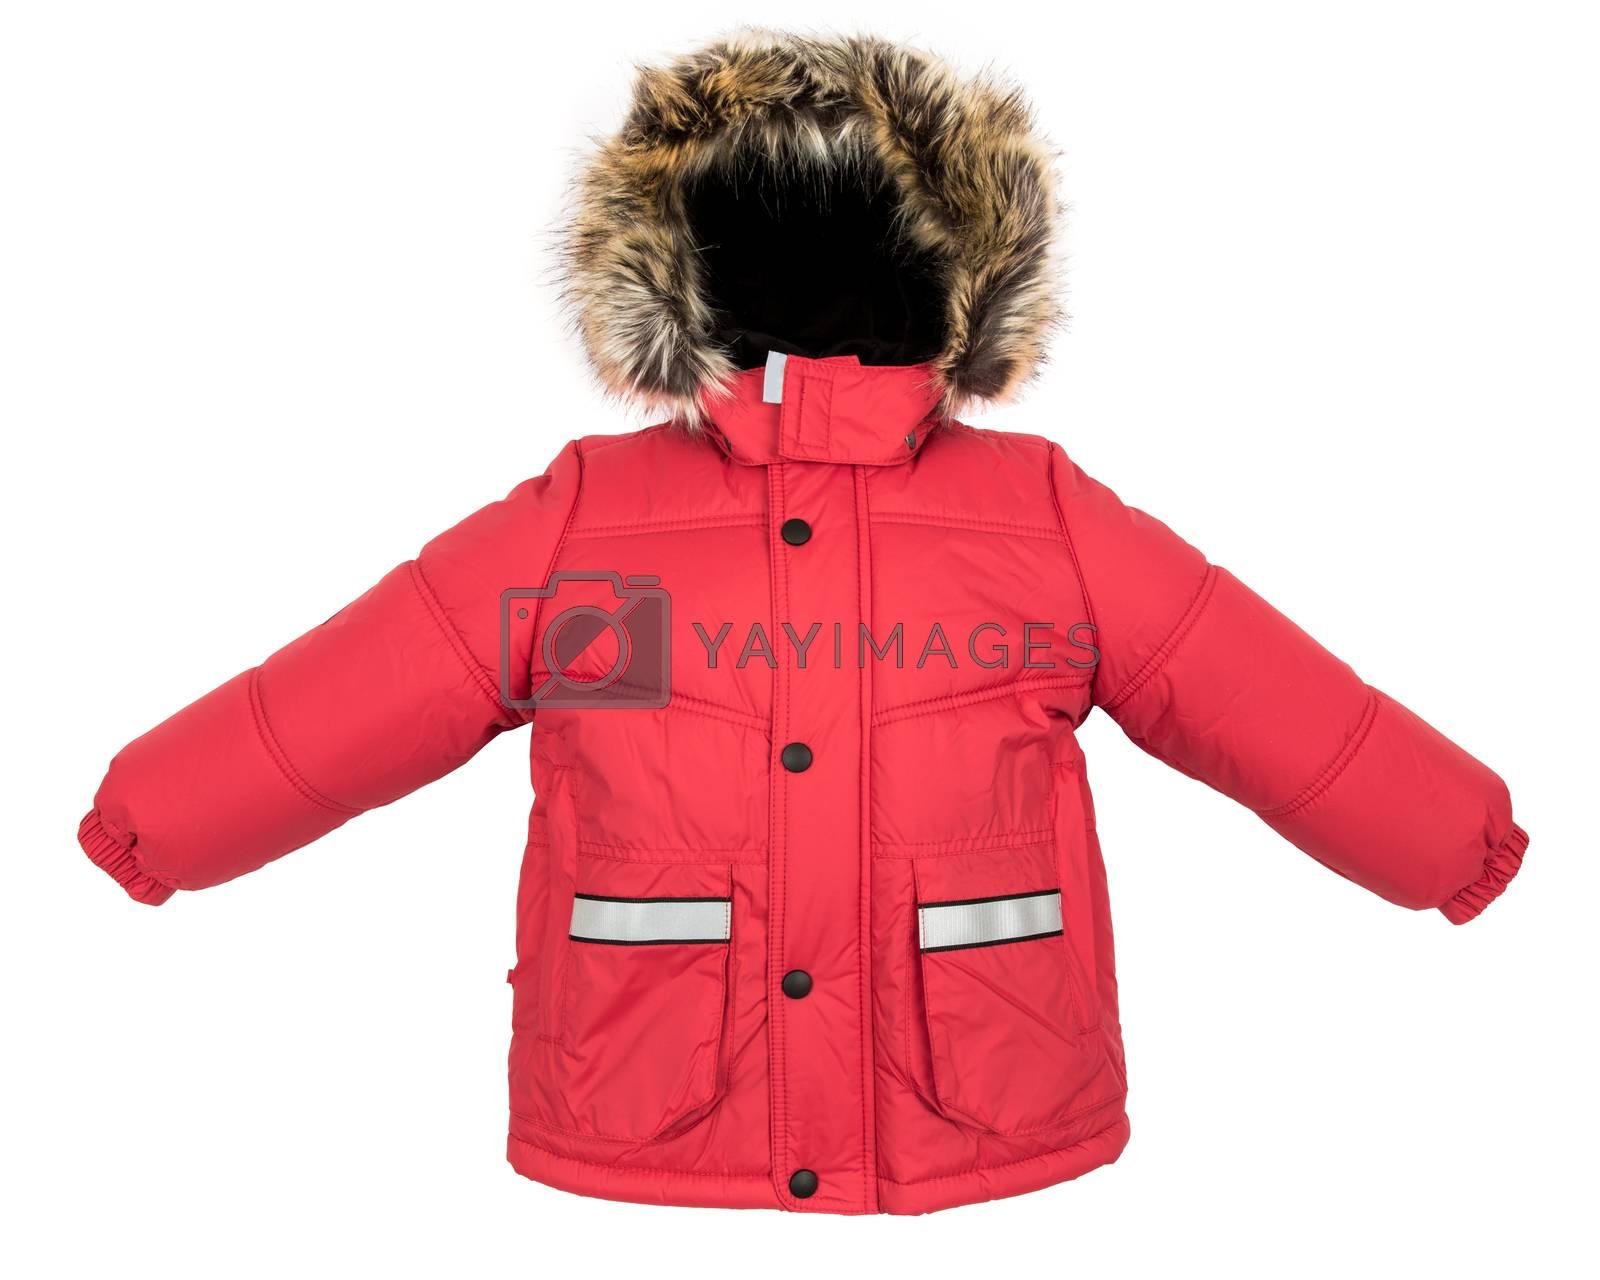 Women winter jacket isolated on white background.